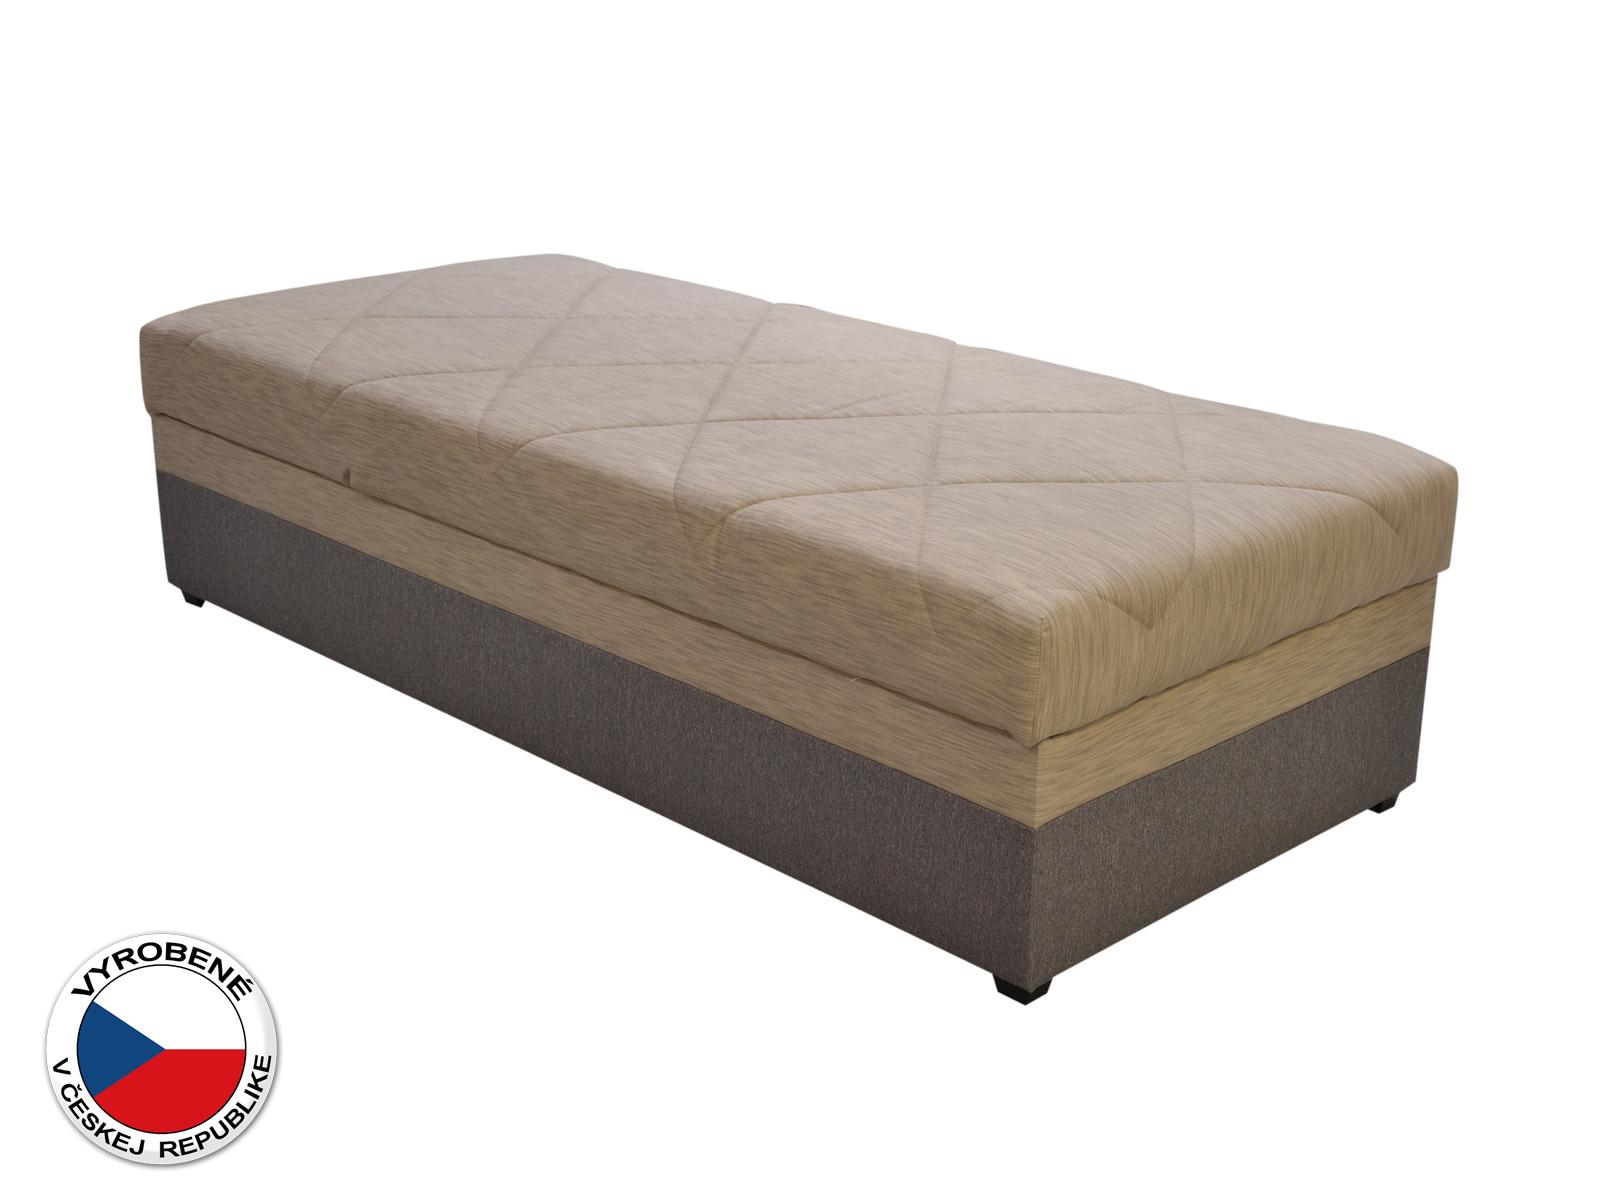 Jednolôžková posteľ (váľanda) 90 cm - Blanár - Evelina (béžová + hnedá) (s roštom a matracom)